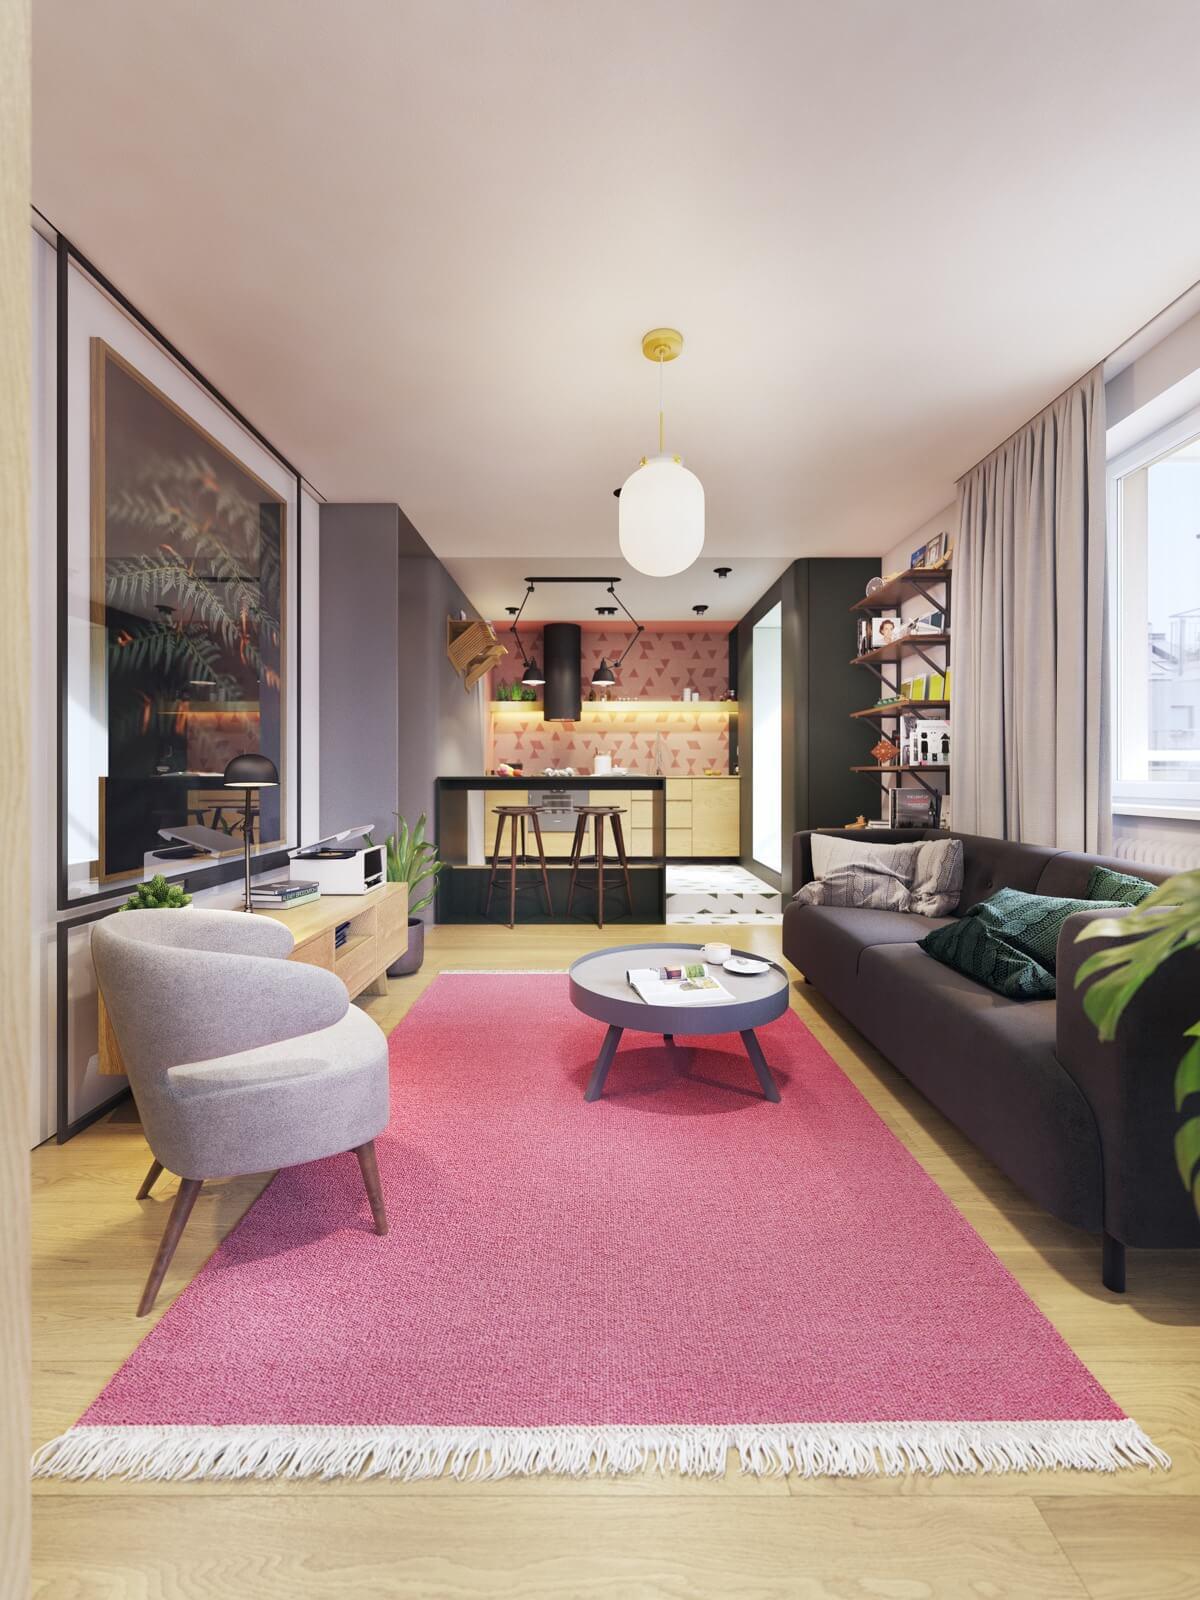 mẫu thiết kế nội thất chung cư hiện đại 2